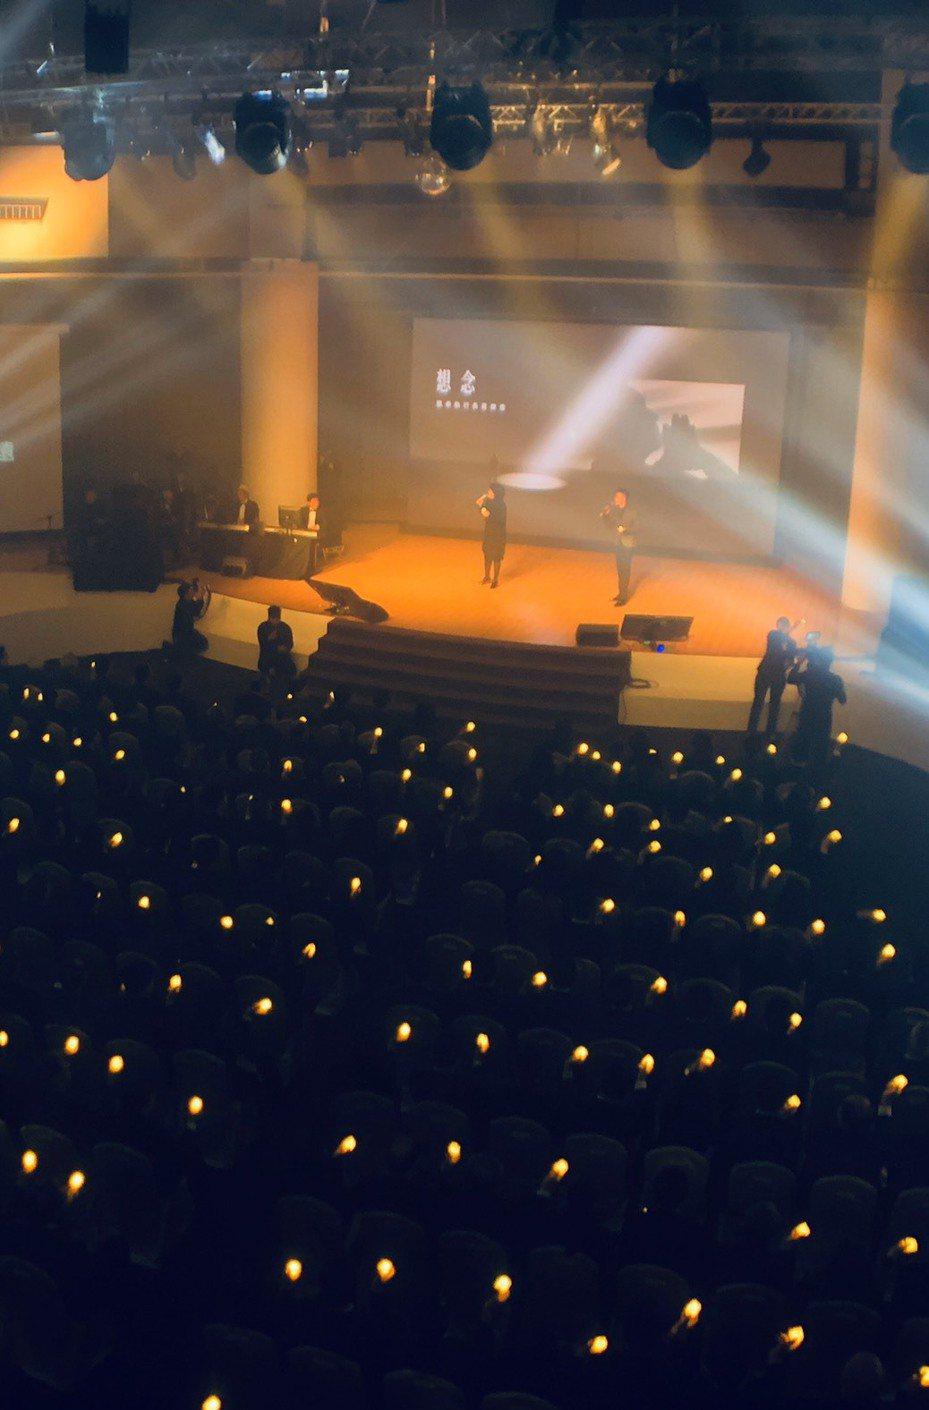 嚴凱泰過世一年,裕隆集團舉辦追思音樂會,讓員工的思念有出口,執行長嚴陳莉蓮特別演唱《祝福》。(裕隆提供)